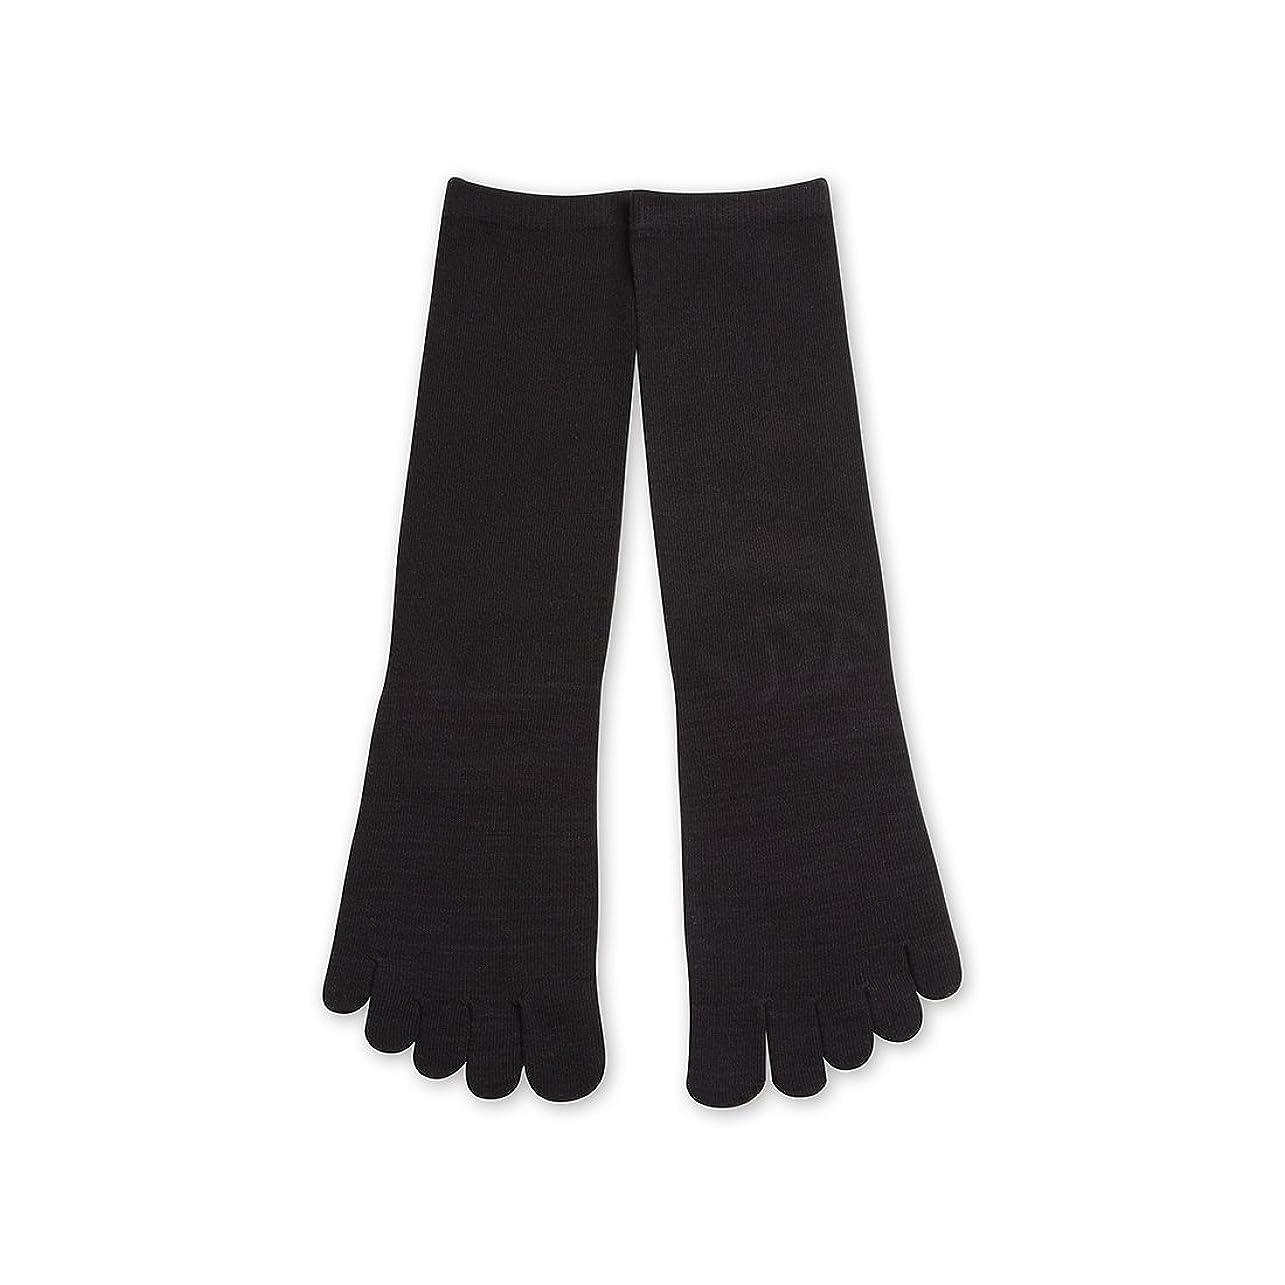 急ぐインストール伝染病Deol(デオル) 5本指 ソックス 男性用 靴下 25~27cm 黒